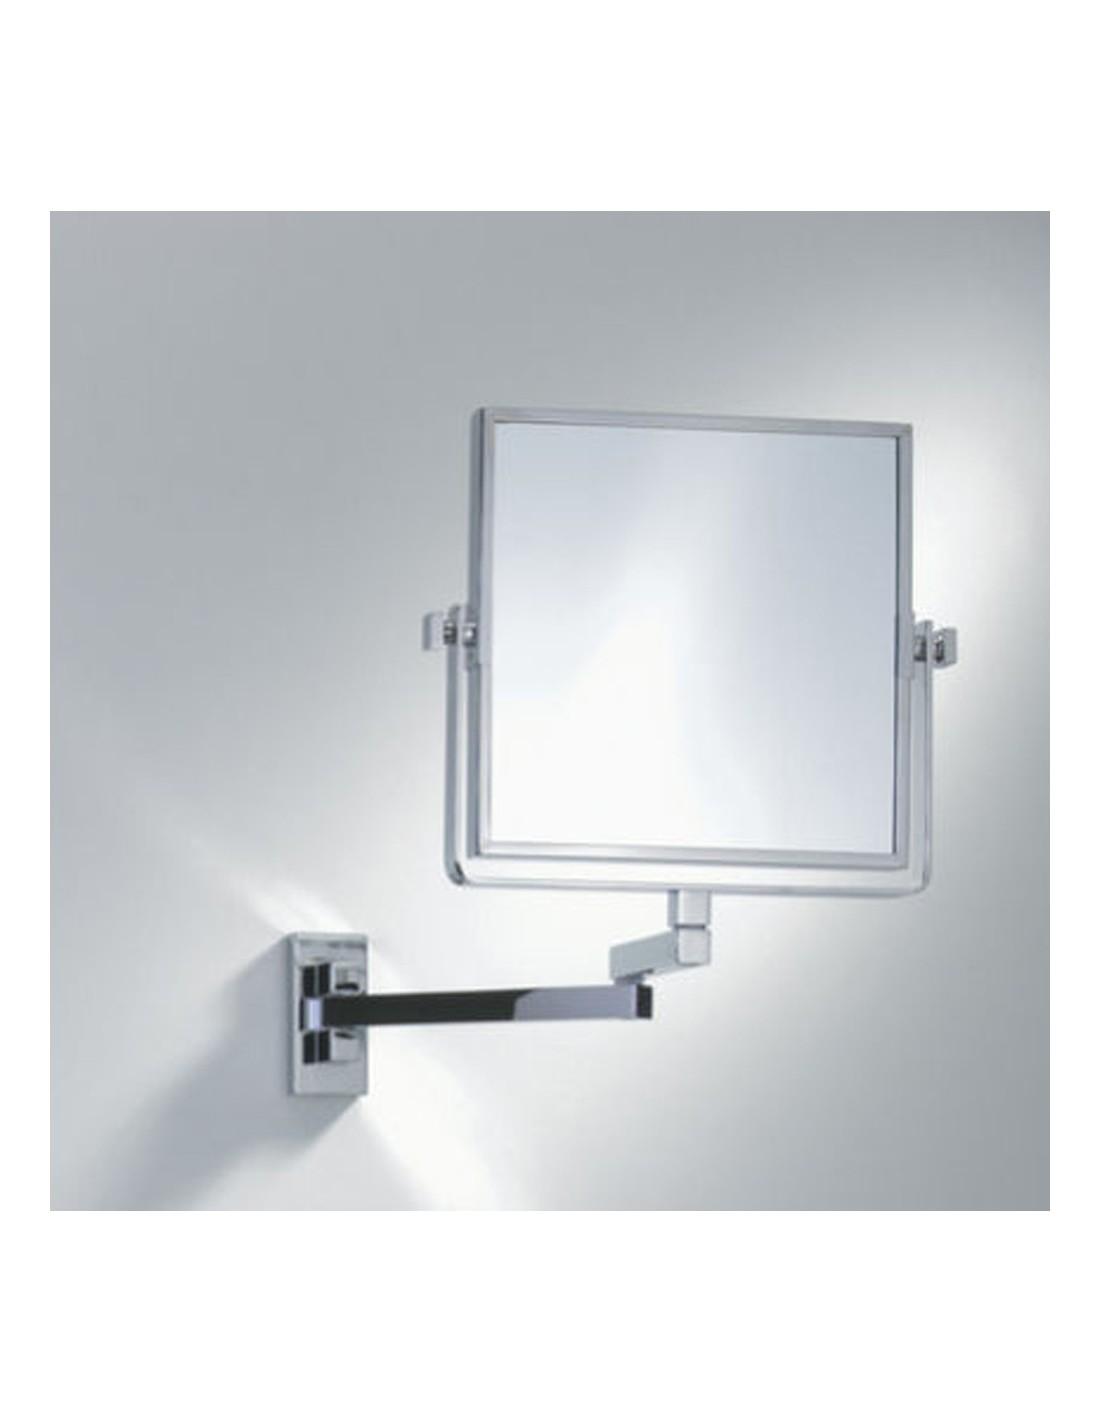 Miroir grossissant carr for Miroir grossissant